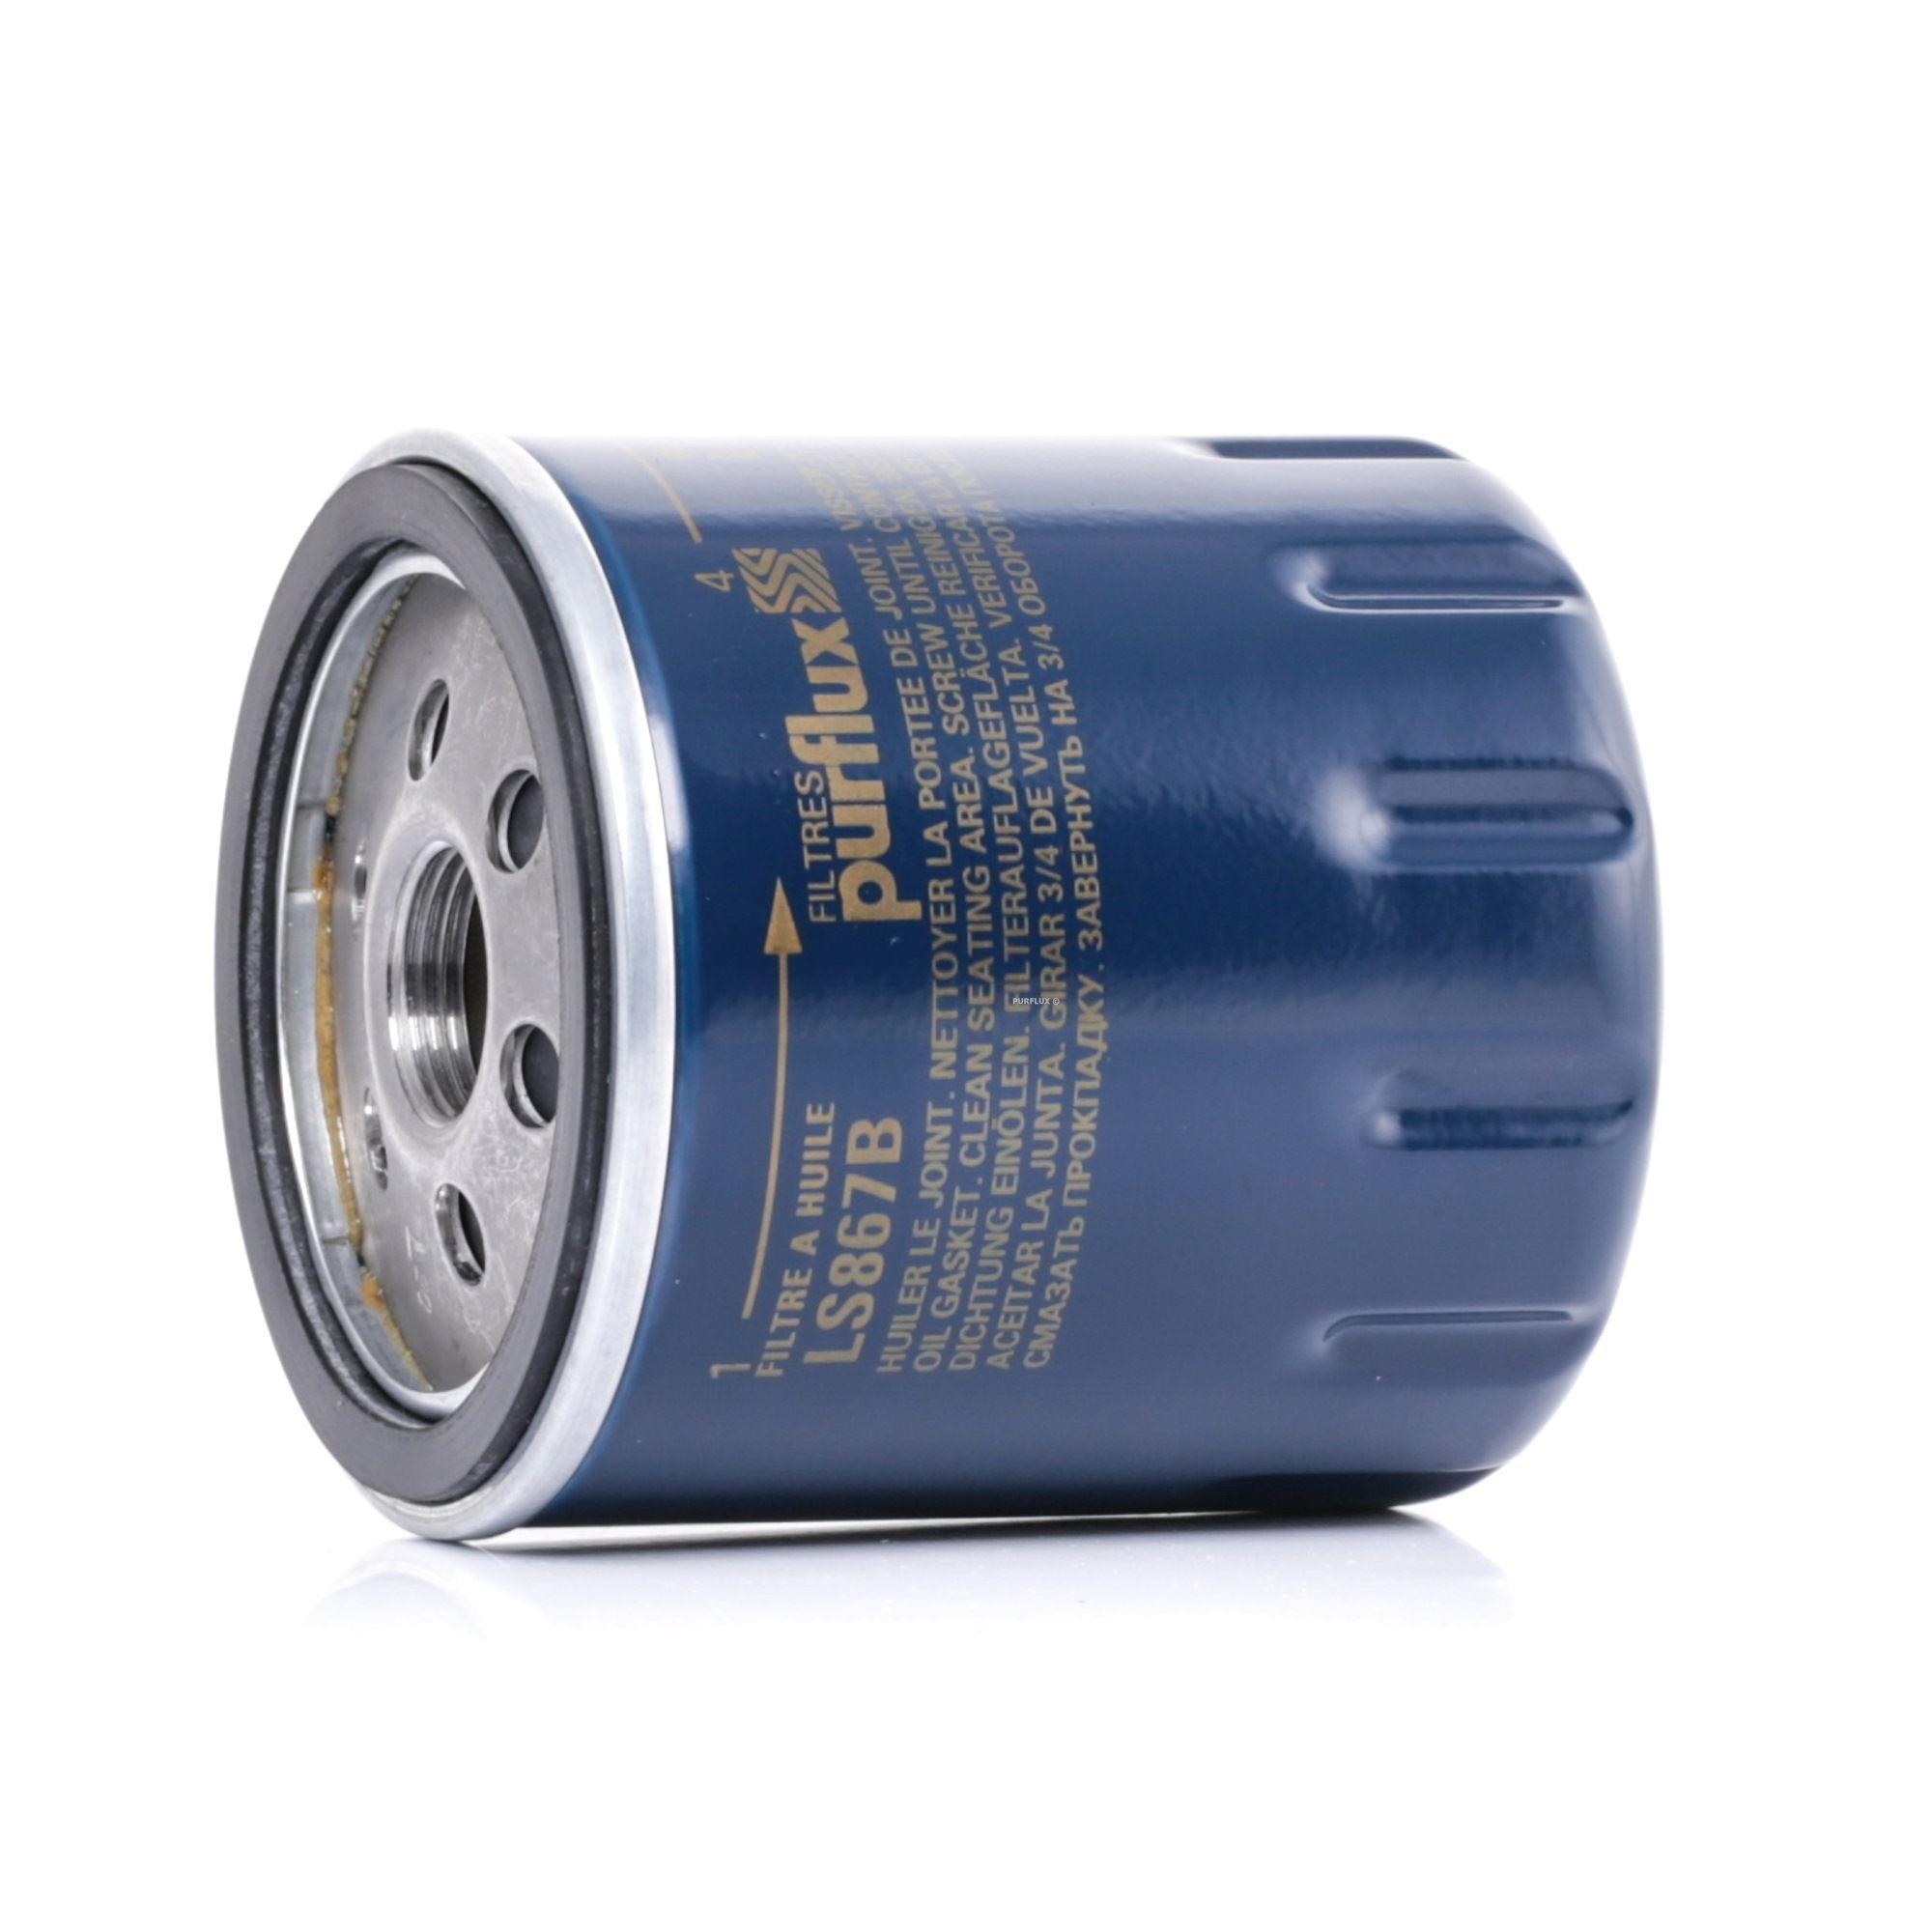 Accesorios y recambios CITROËN XANTIA 2002: Filtro de aceite PURFLUX LS867B a un precio bajo, ¡comprar ahora!